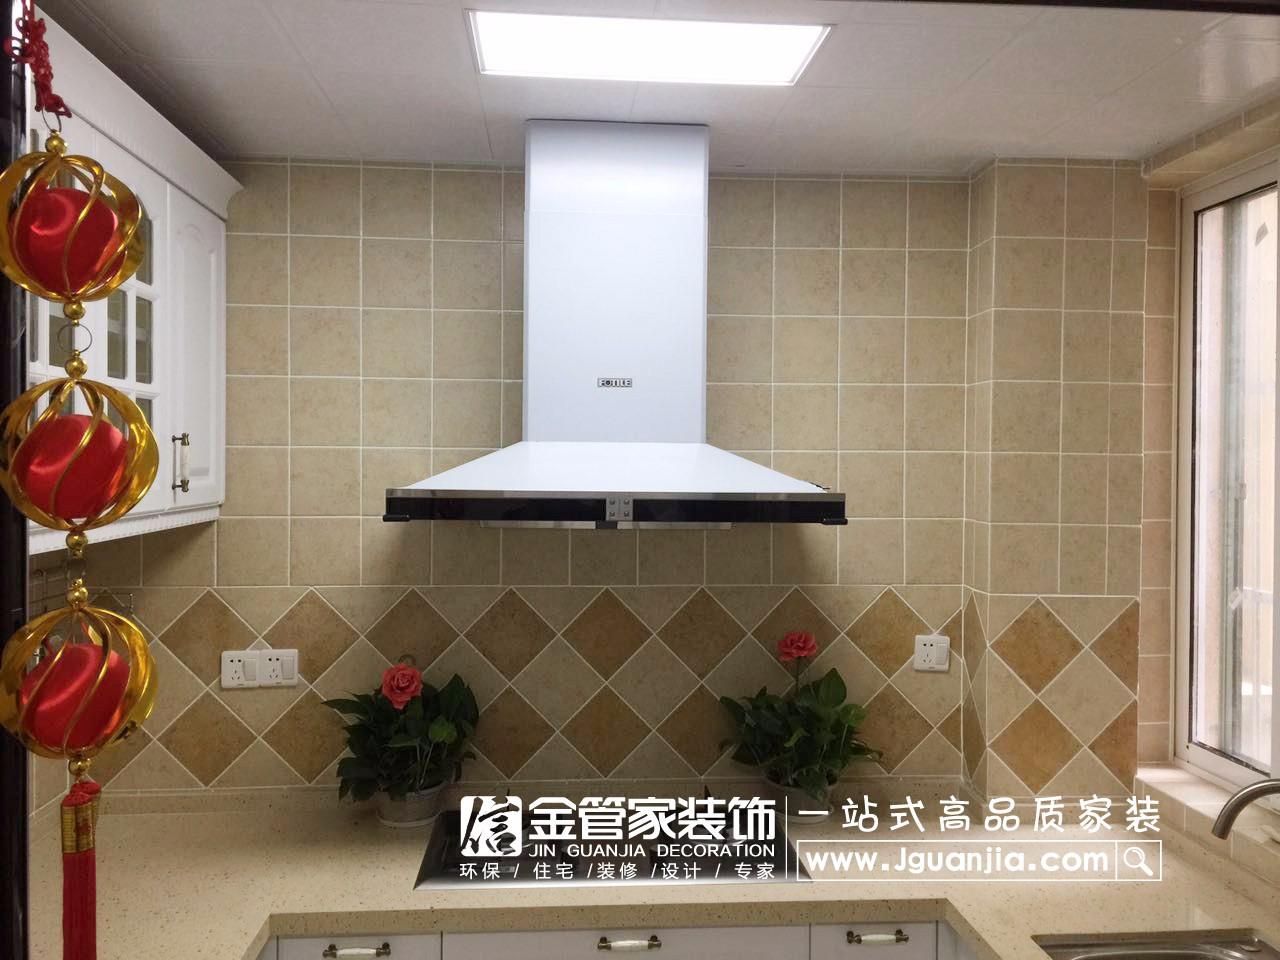 南京二手房乐投客户端公司